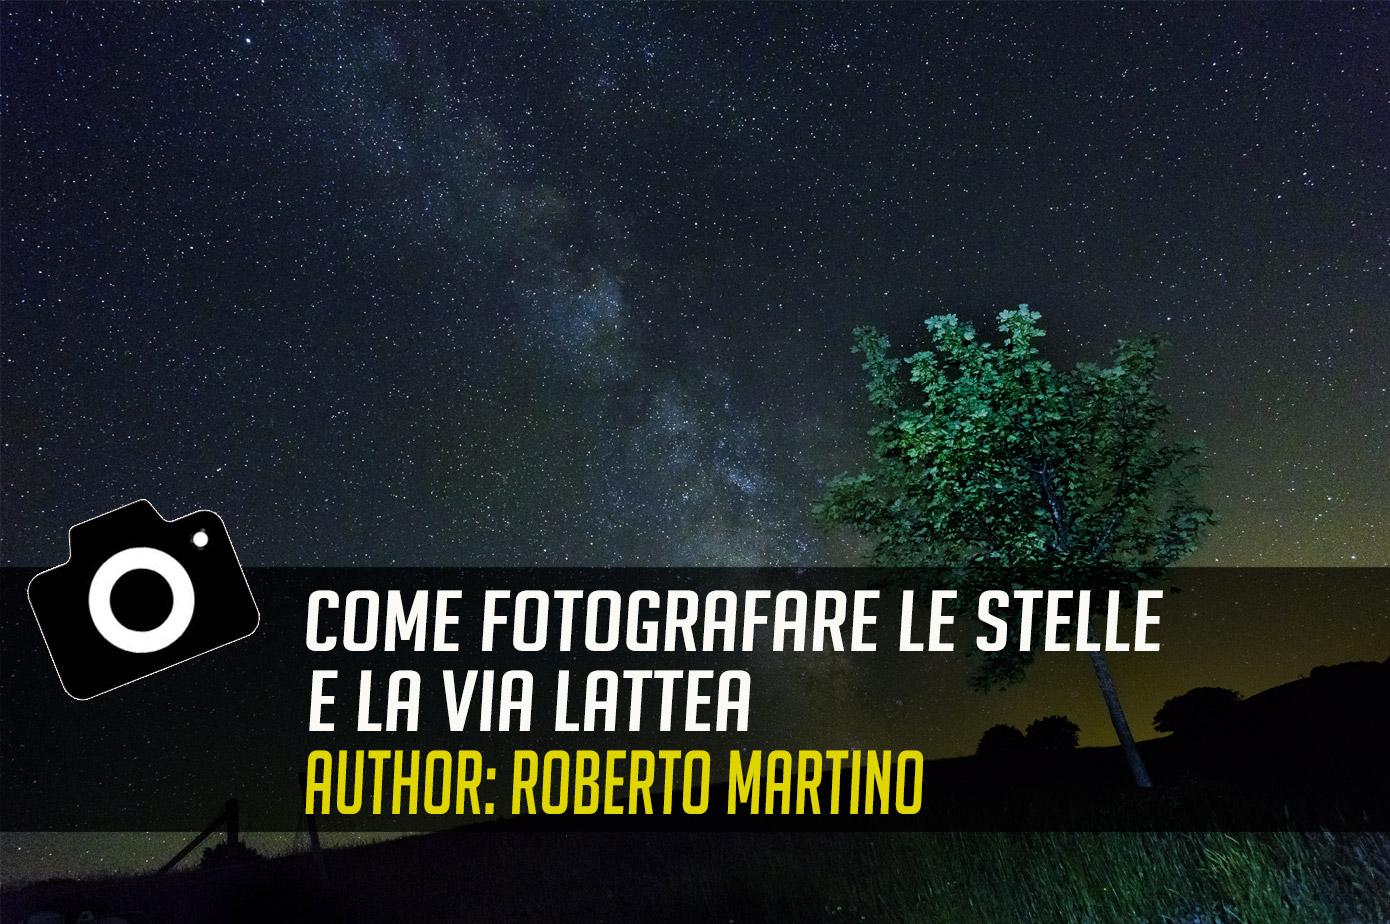 Fotografare Di Notte Senza Cavalletto.Come Fotografare Le Stelle E La Via Lattea